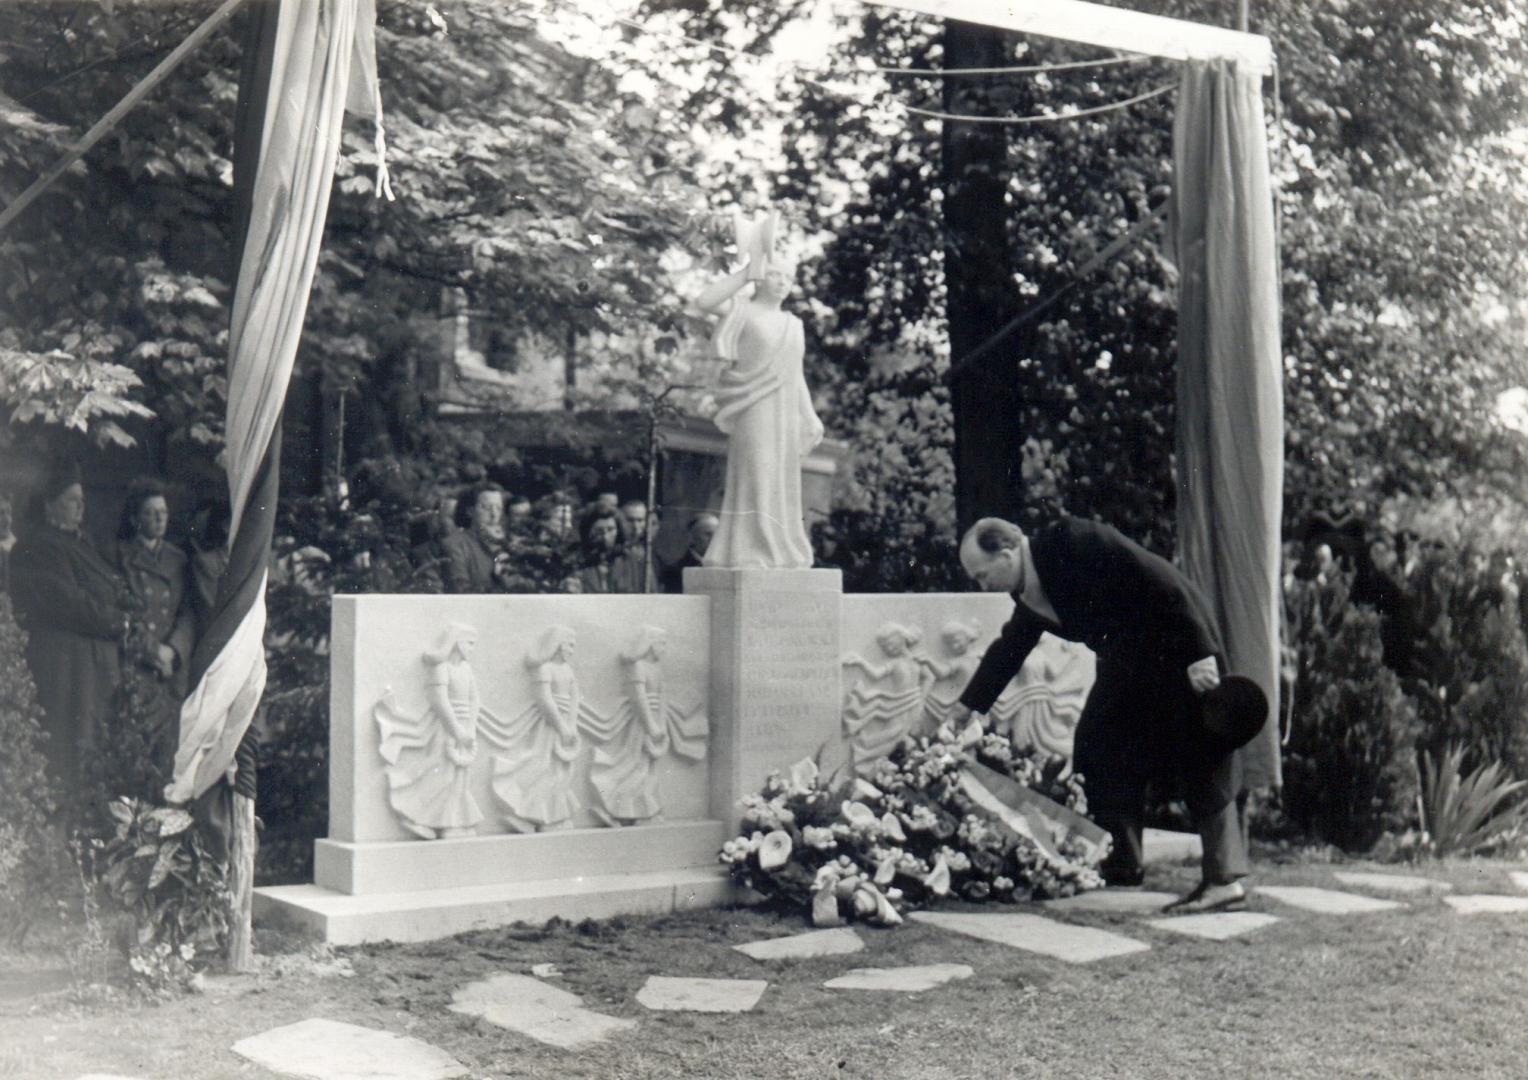 De onthulling van het monument anno 1949.